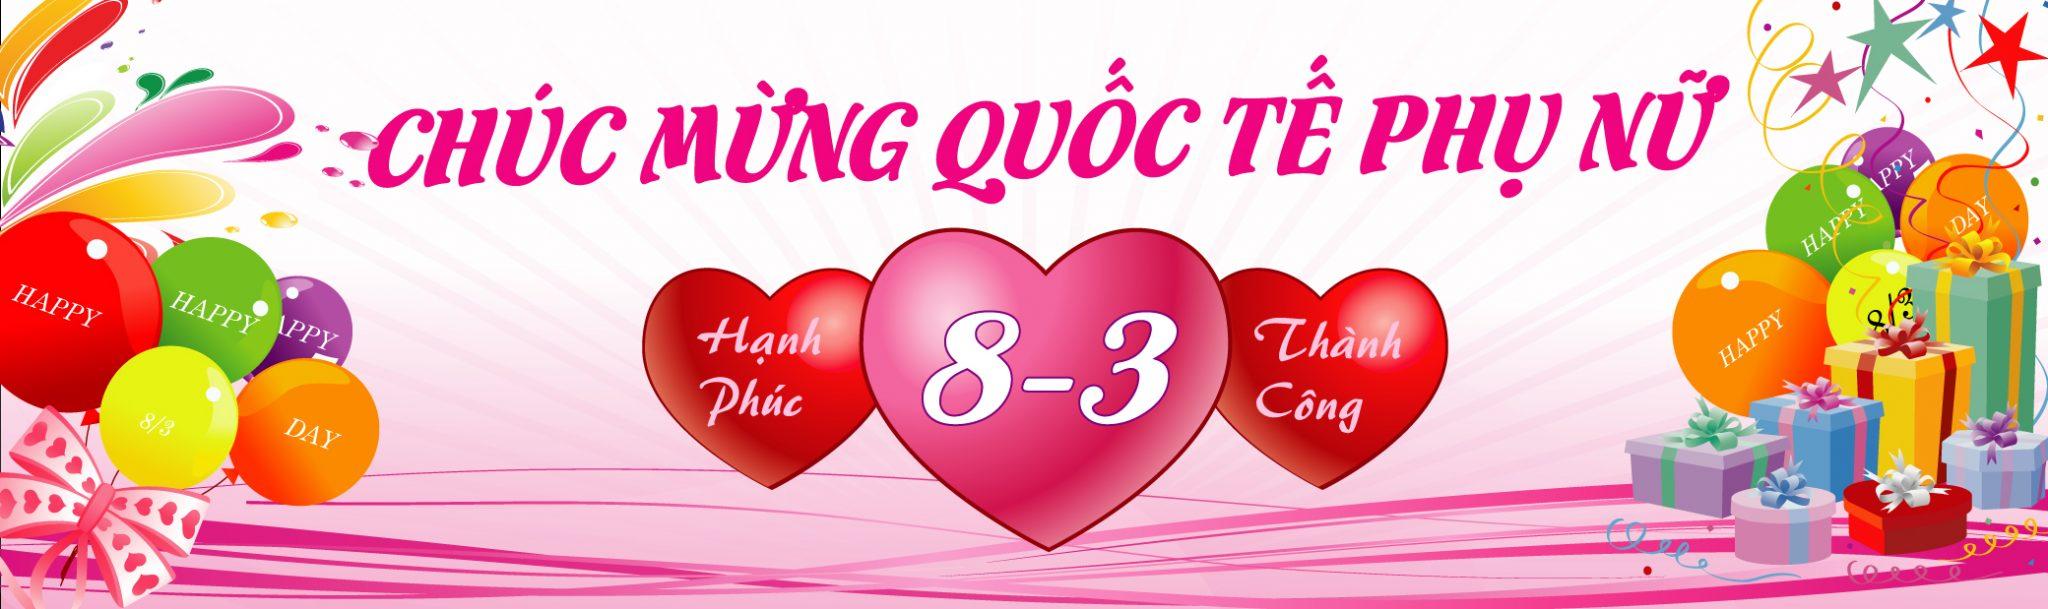 tong-hop-hinh-anh-bia-facebook-08-03-dep-15